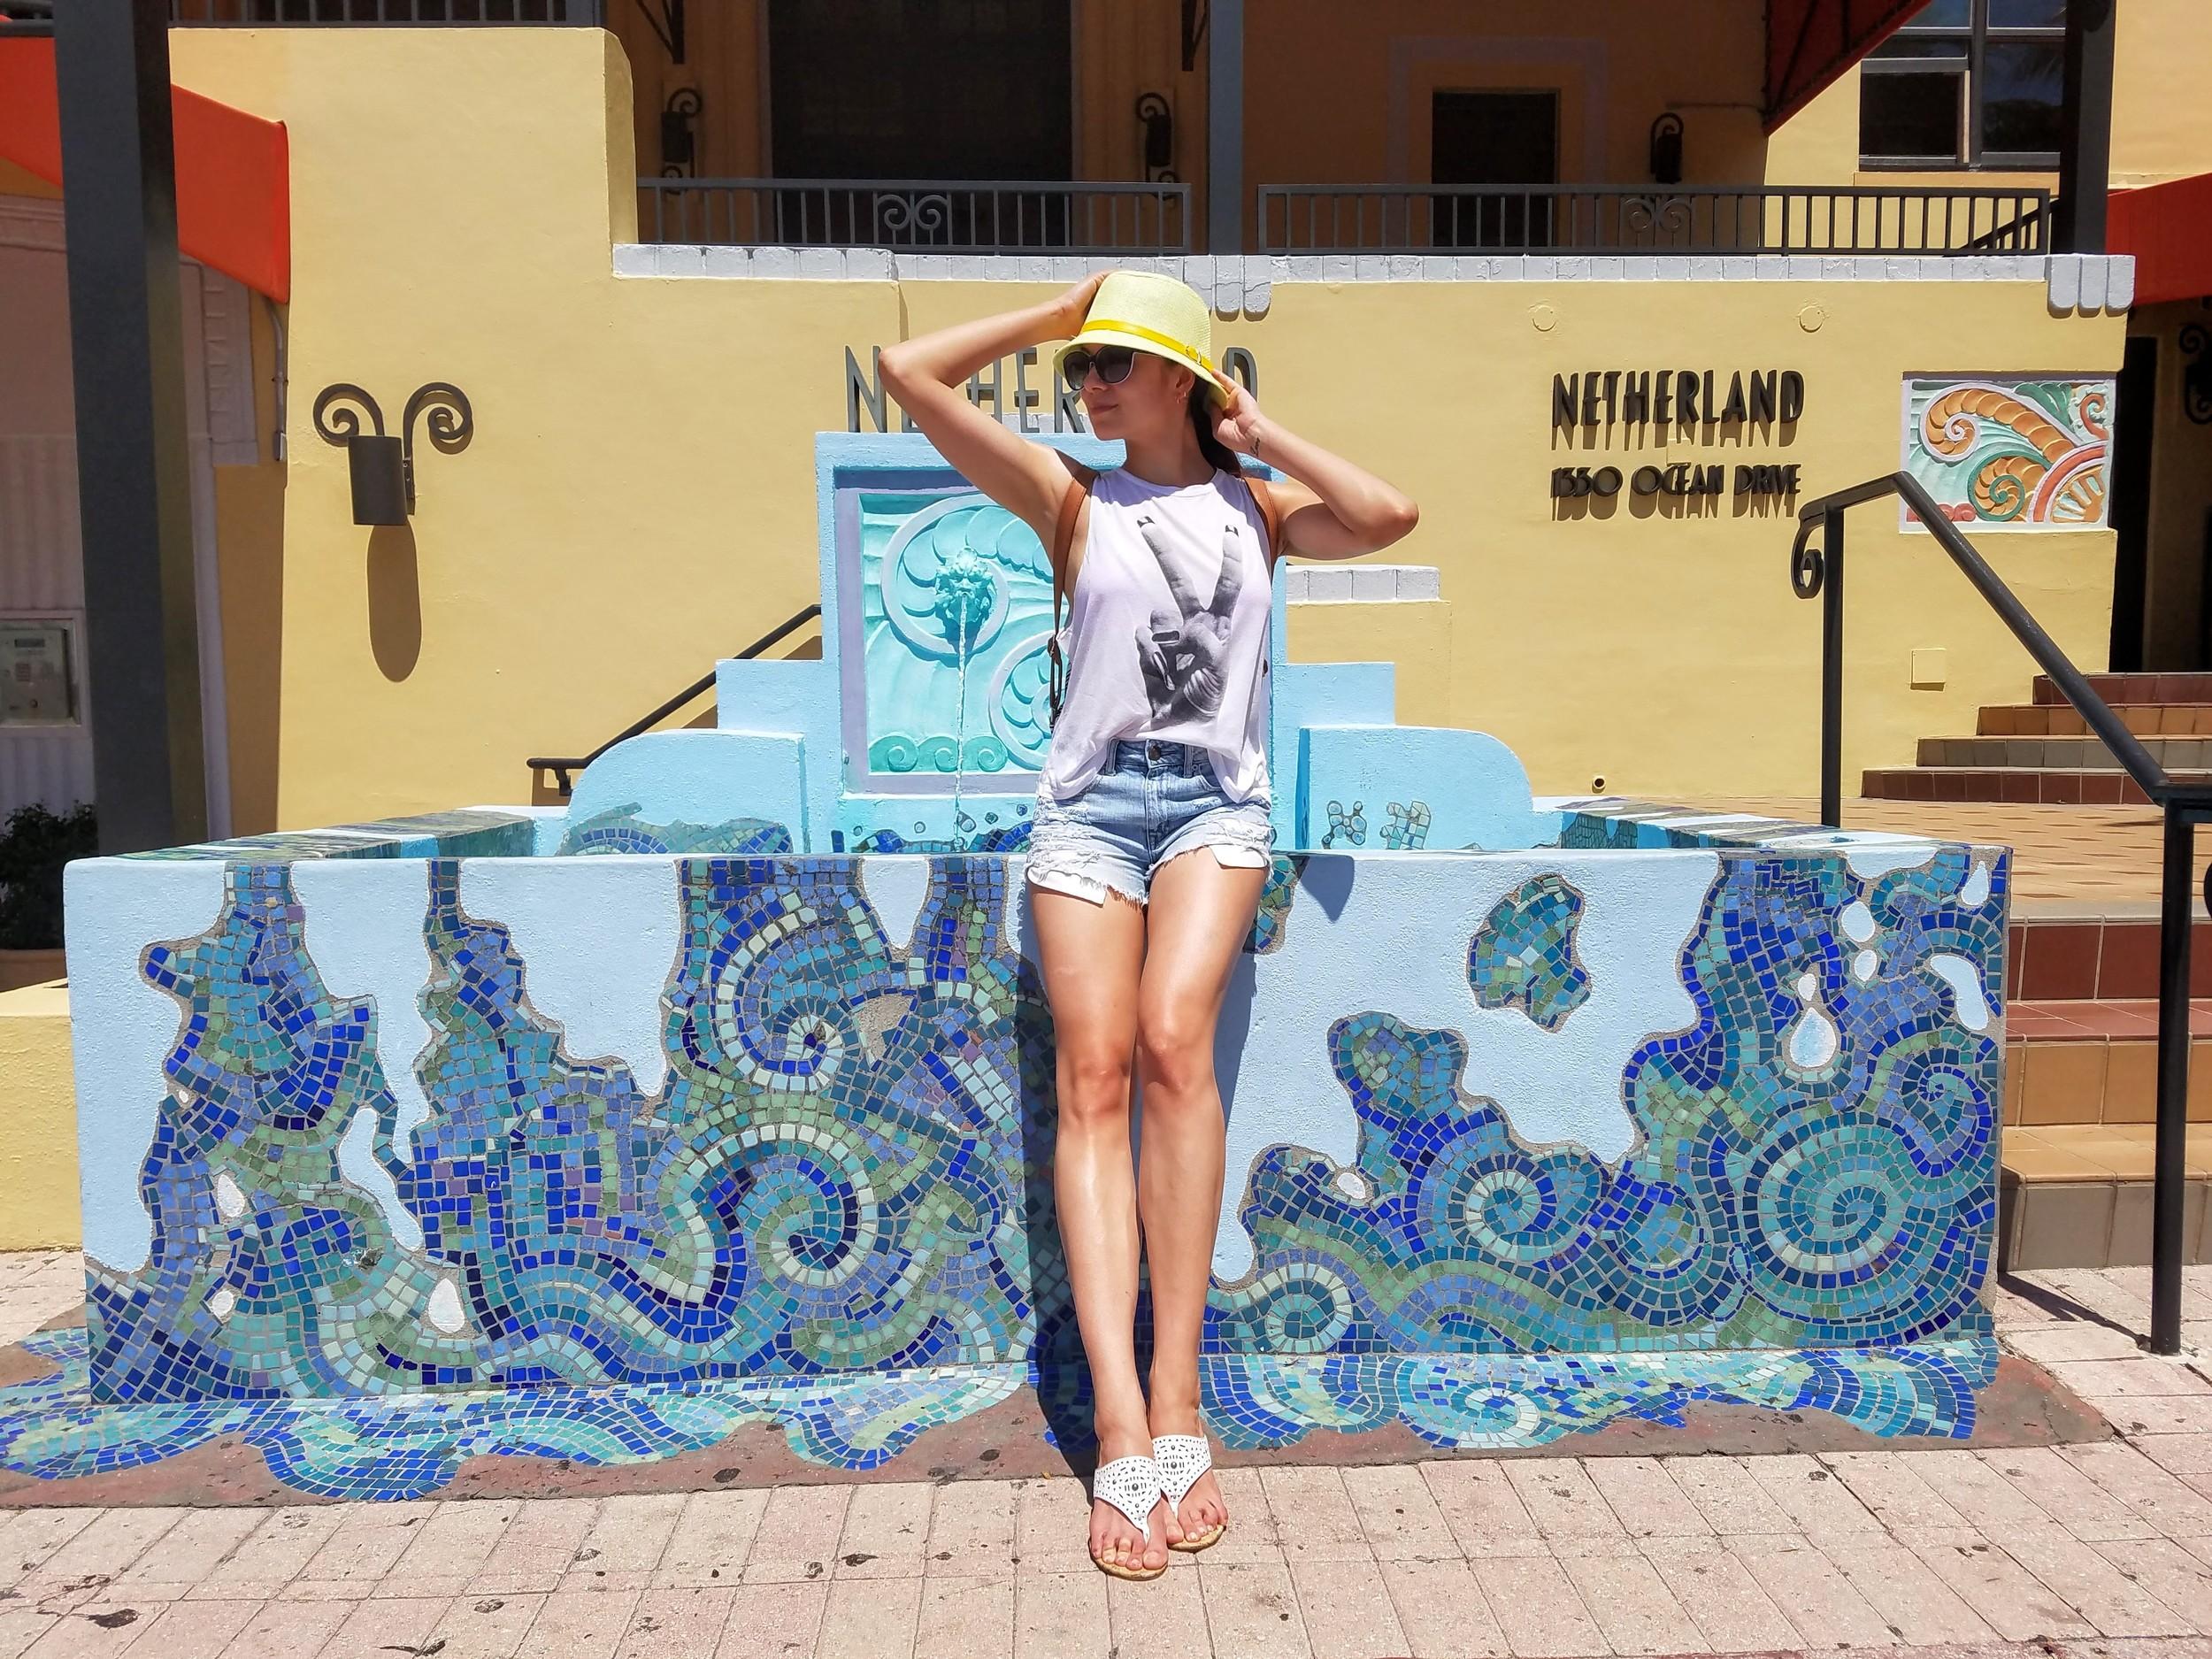 Miami vacation traveler blogger ootd fashion style lifestyle LifeOfArdor